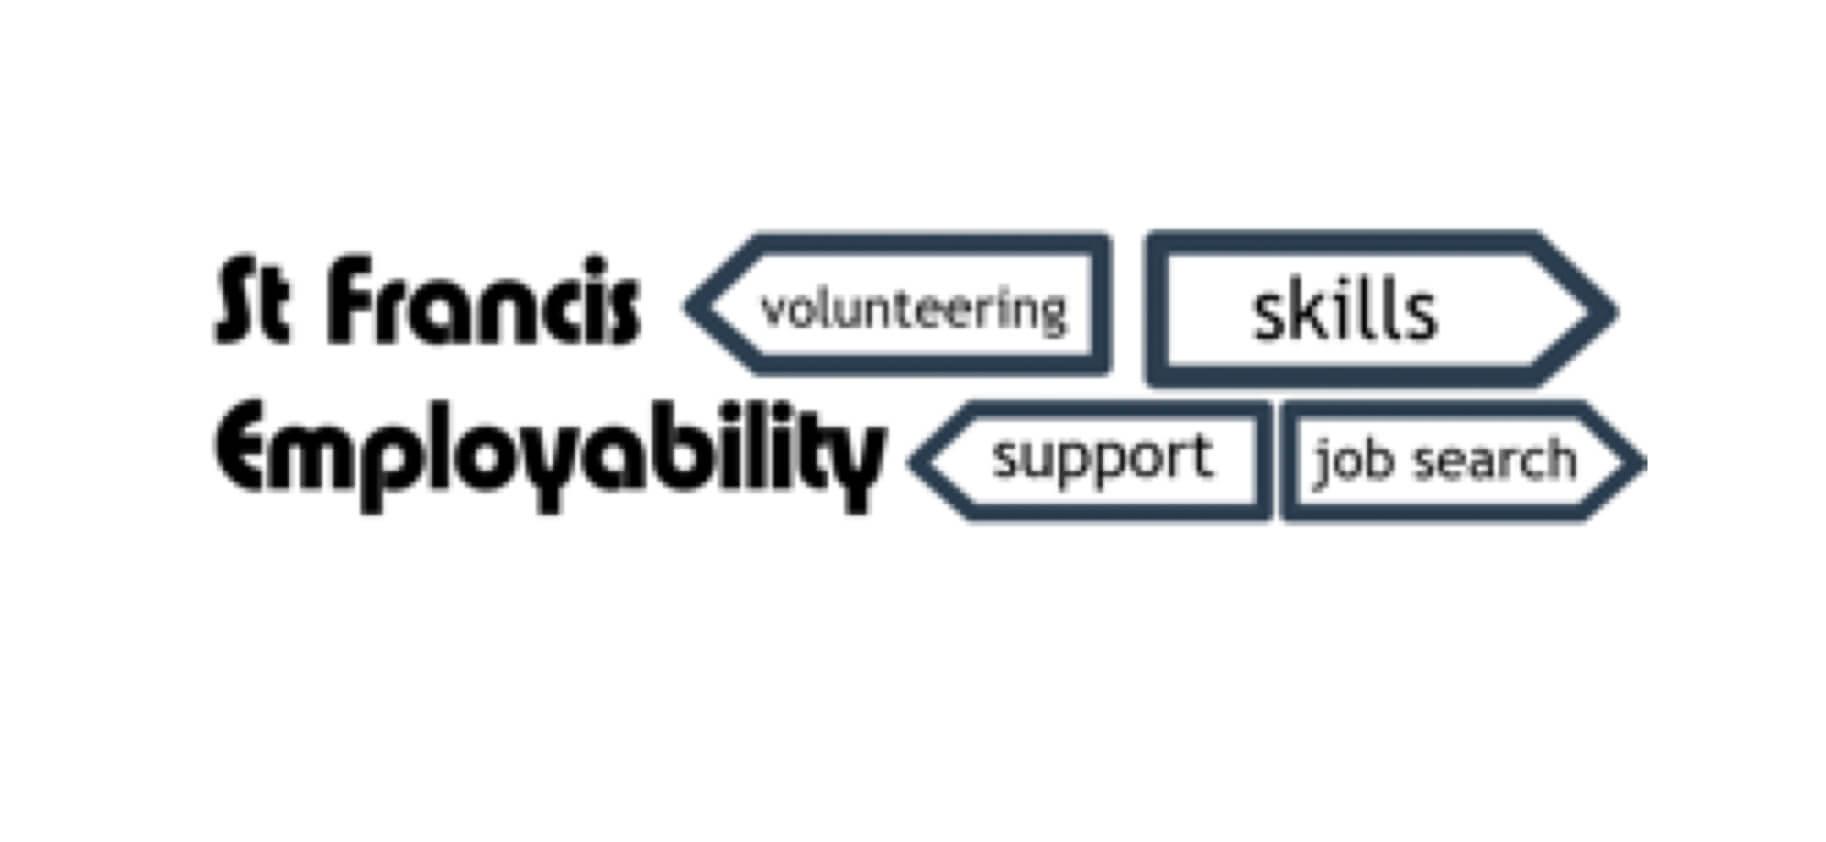 st francis employability logo